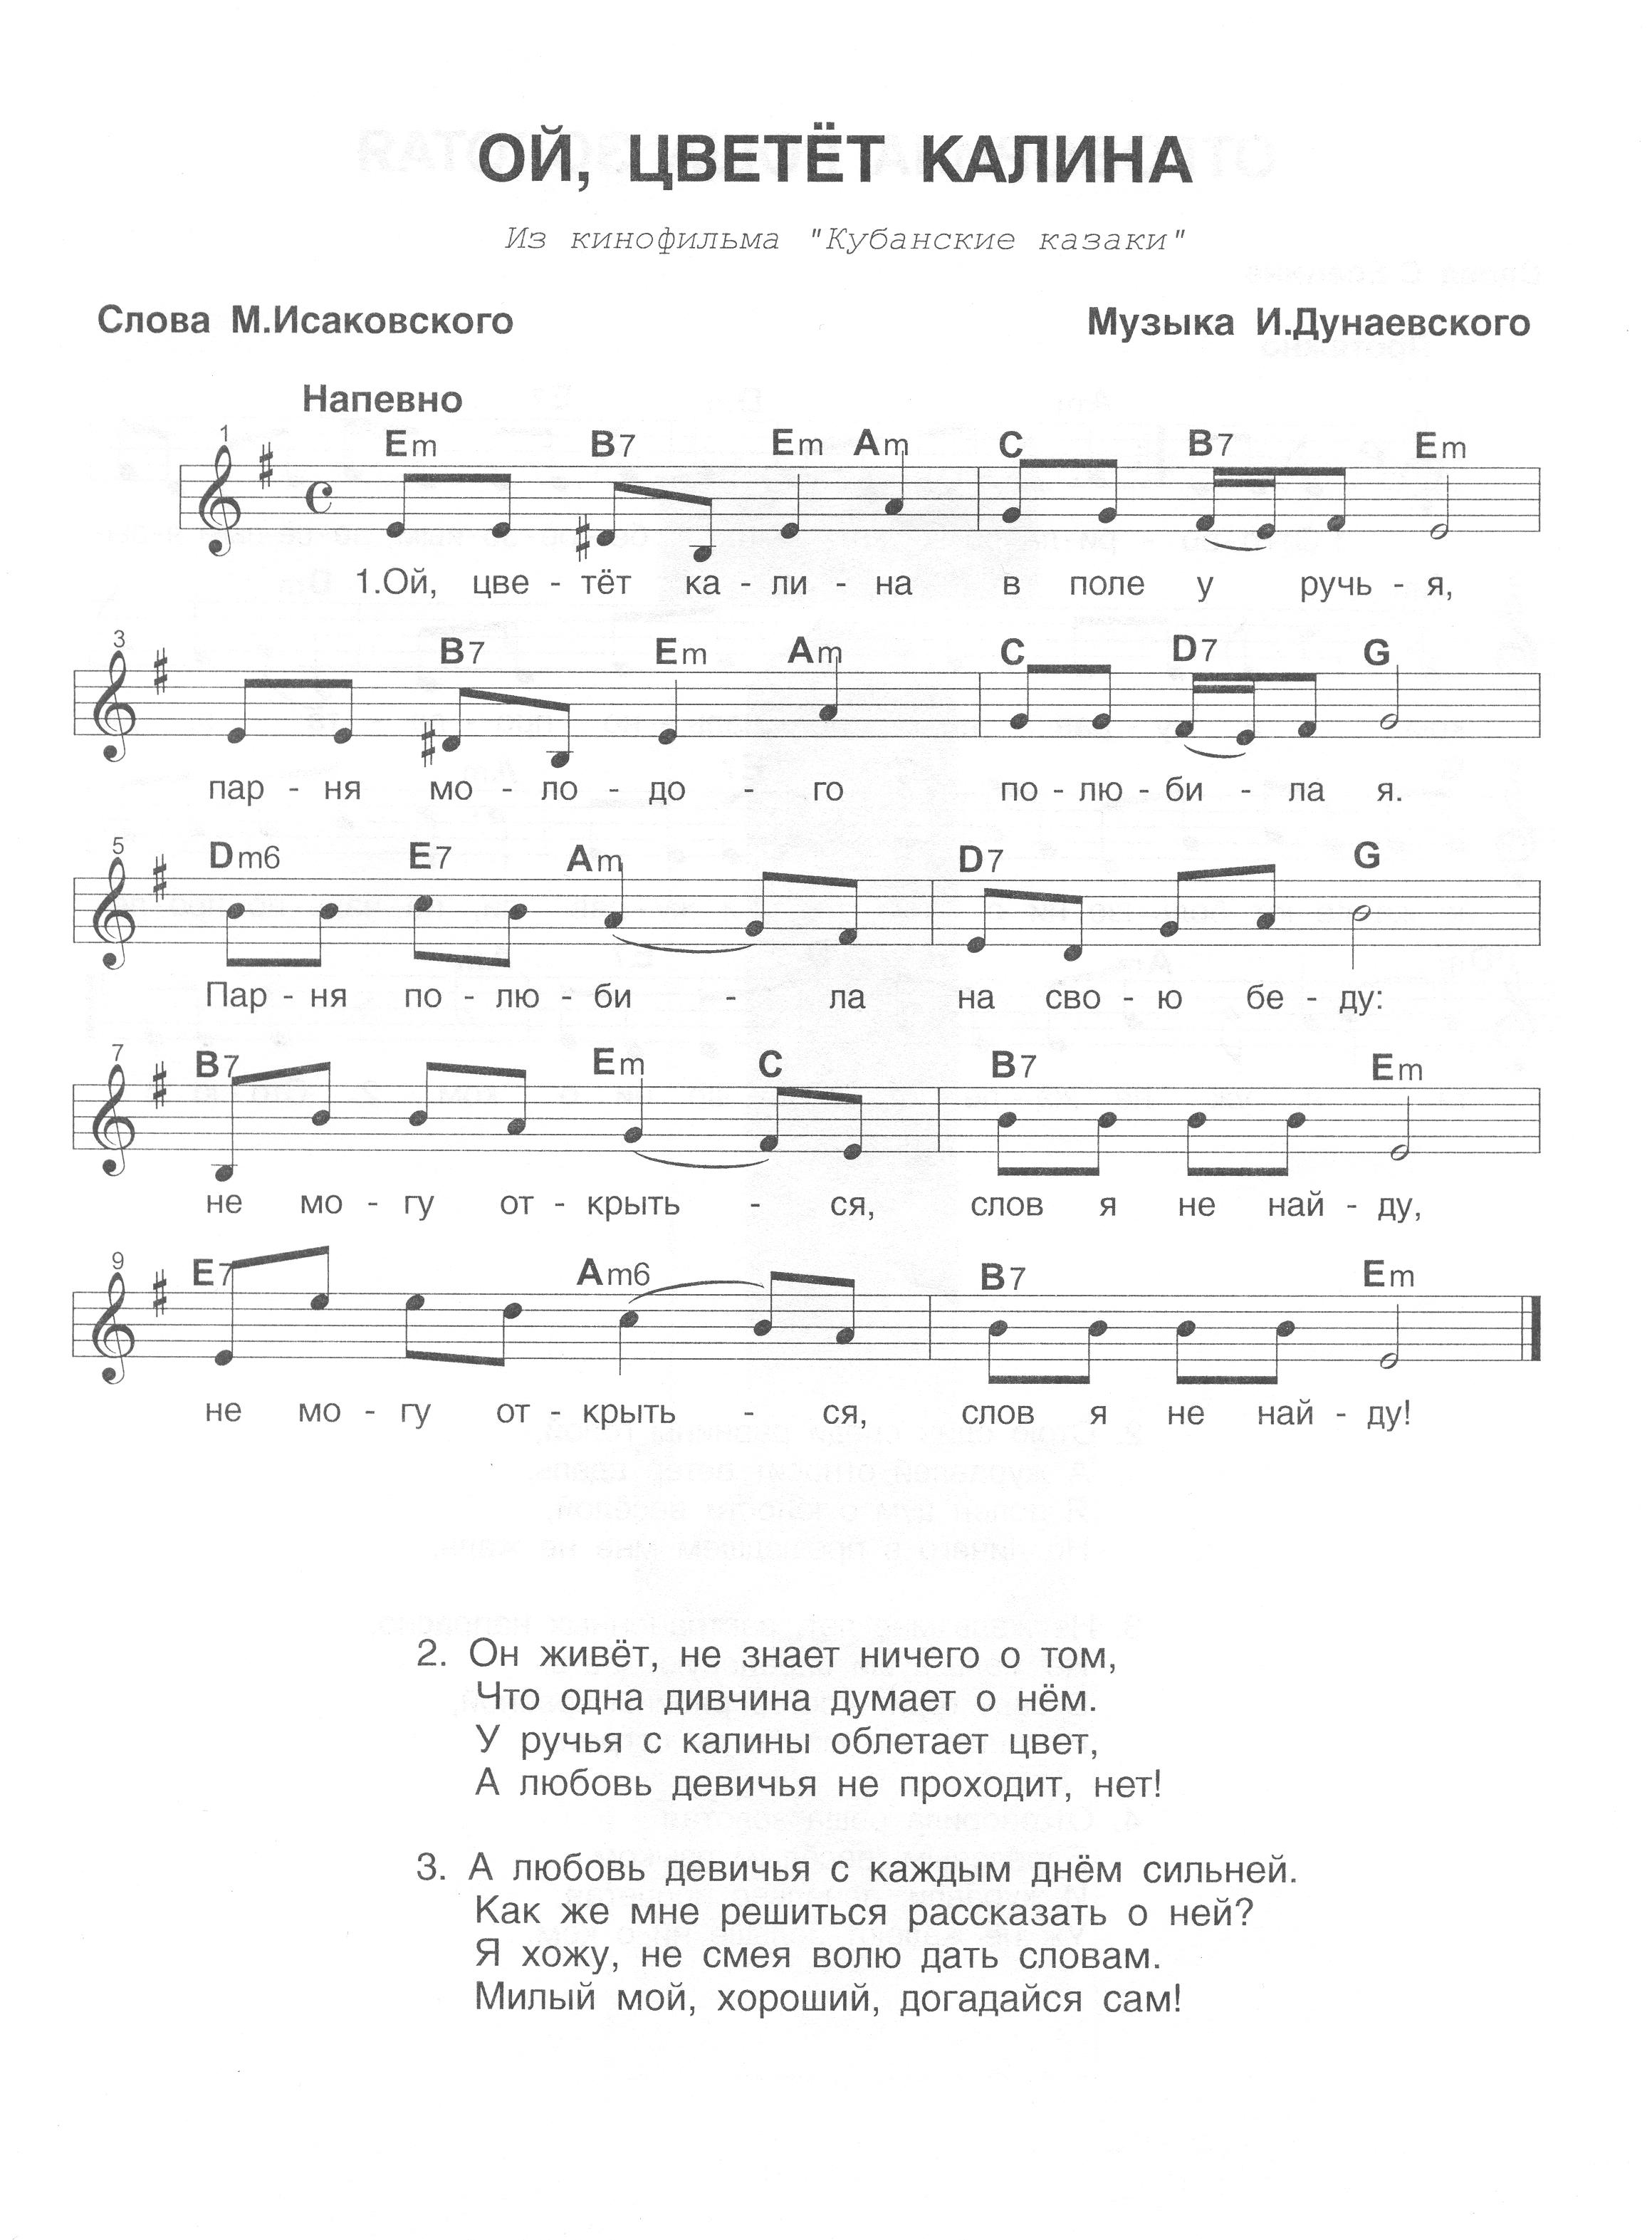 МИНУС ПЕСНИ ОЙ ЦВЕТЁТ КАЛИНА СКАЧАТЬ БЕСПЛАТНО